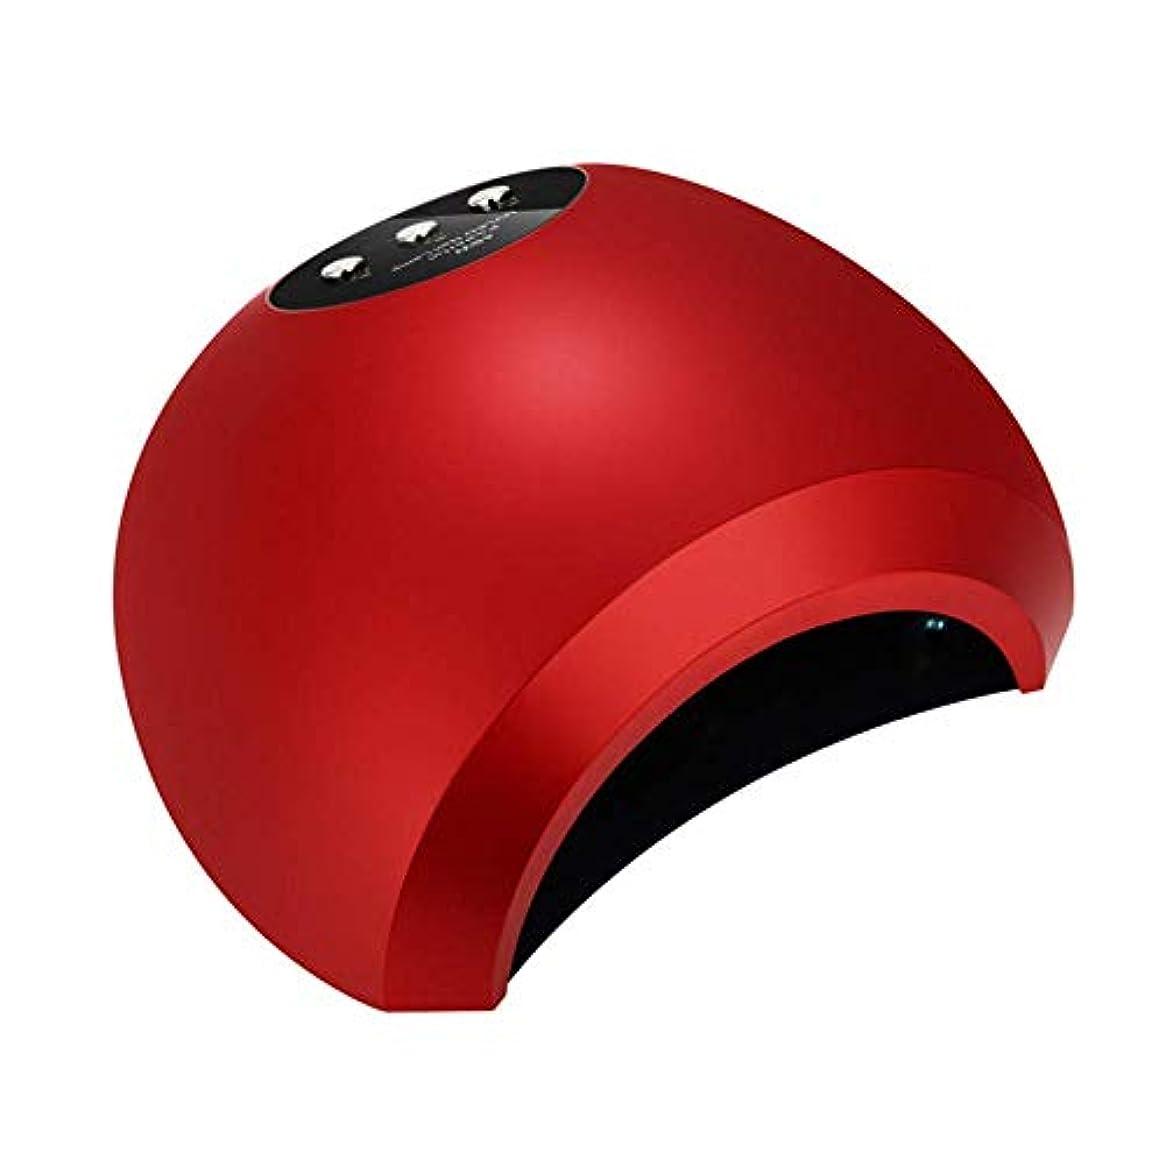 クラブ声を出して脅かすLed UVネイルドライヤー48ワット3モードプロフェッショナル液晶ディスプレイ赤外線センシングジェルポリッシュランプ光硬化マニキュア機、赤,赤